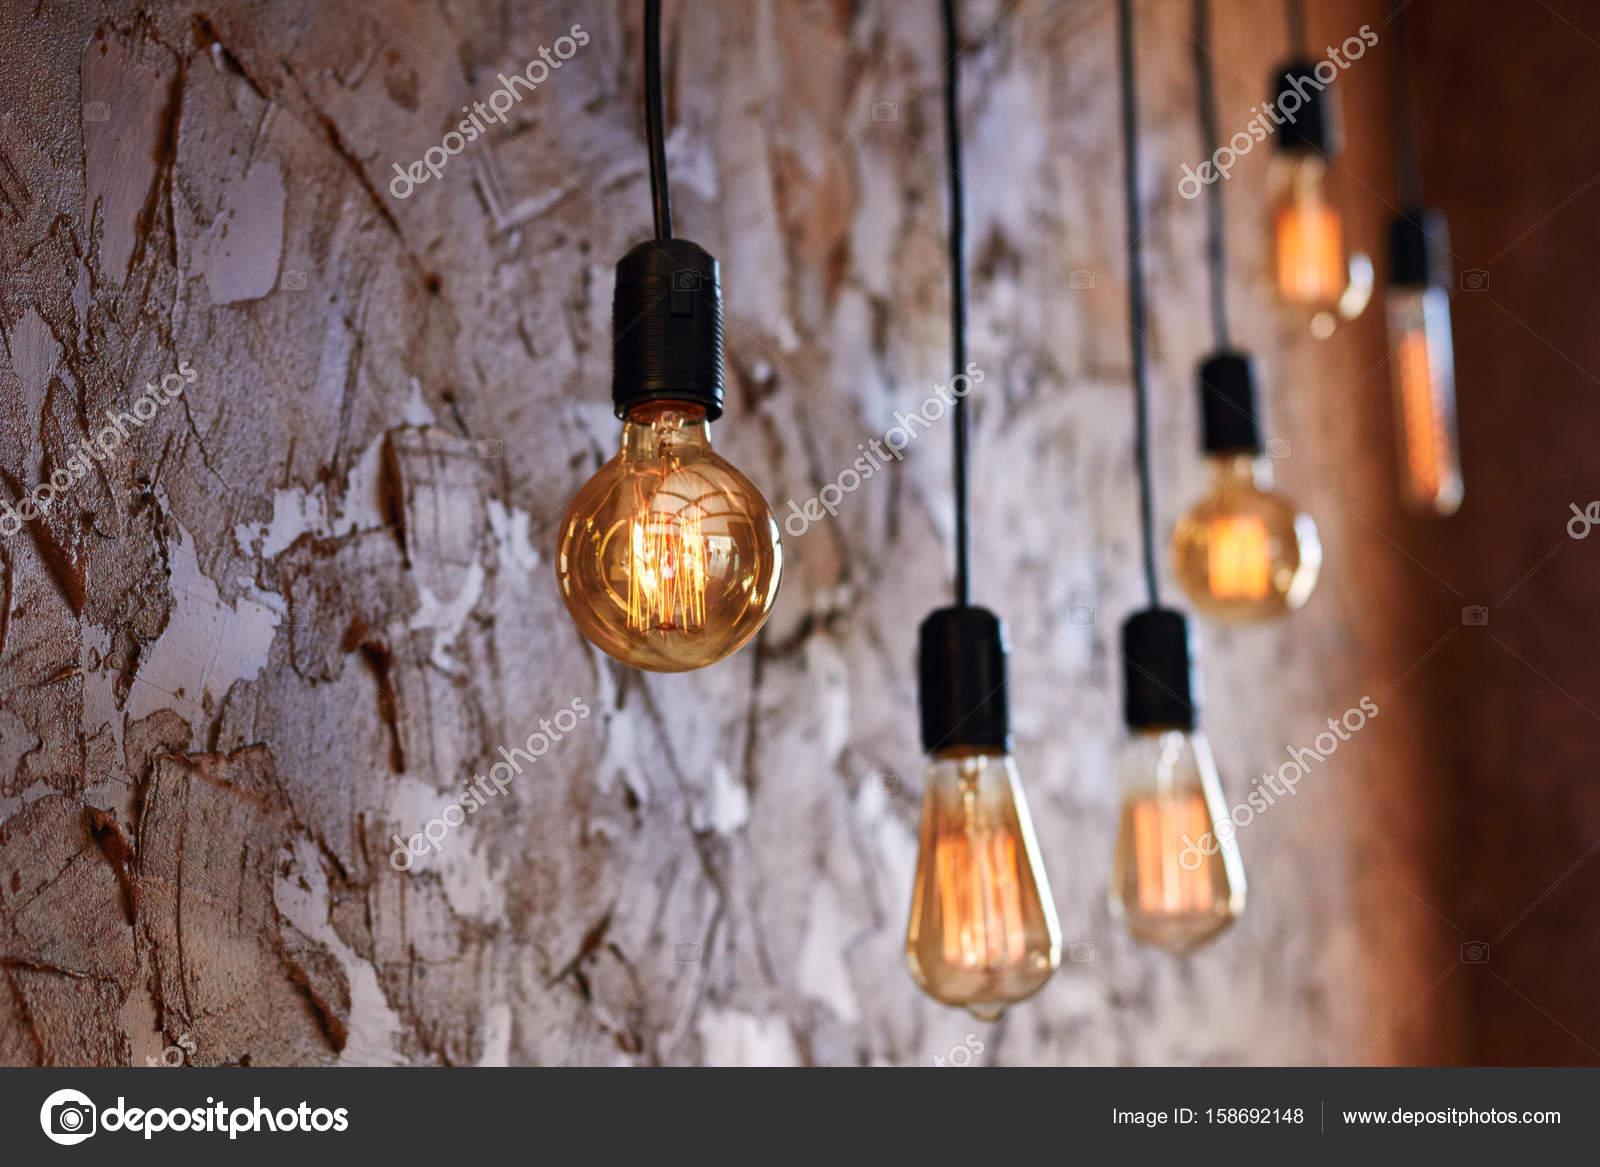 Schone Retro Vintage Lampen Leuchten Hell Leuchtstofflampe Die Im